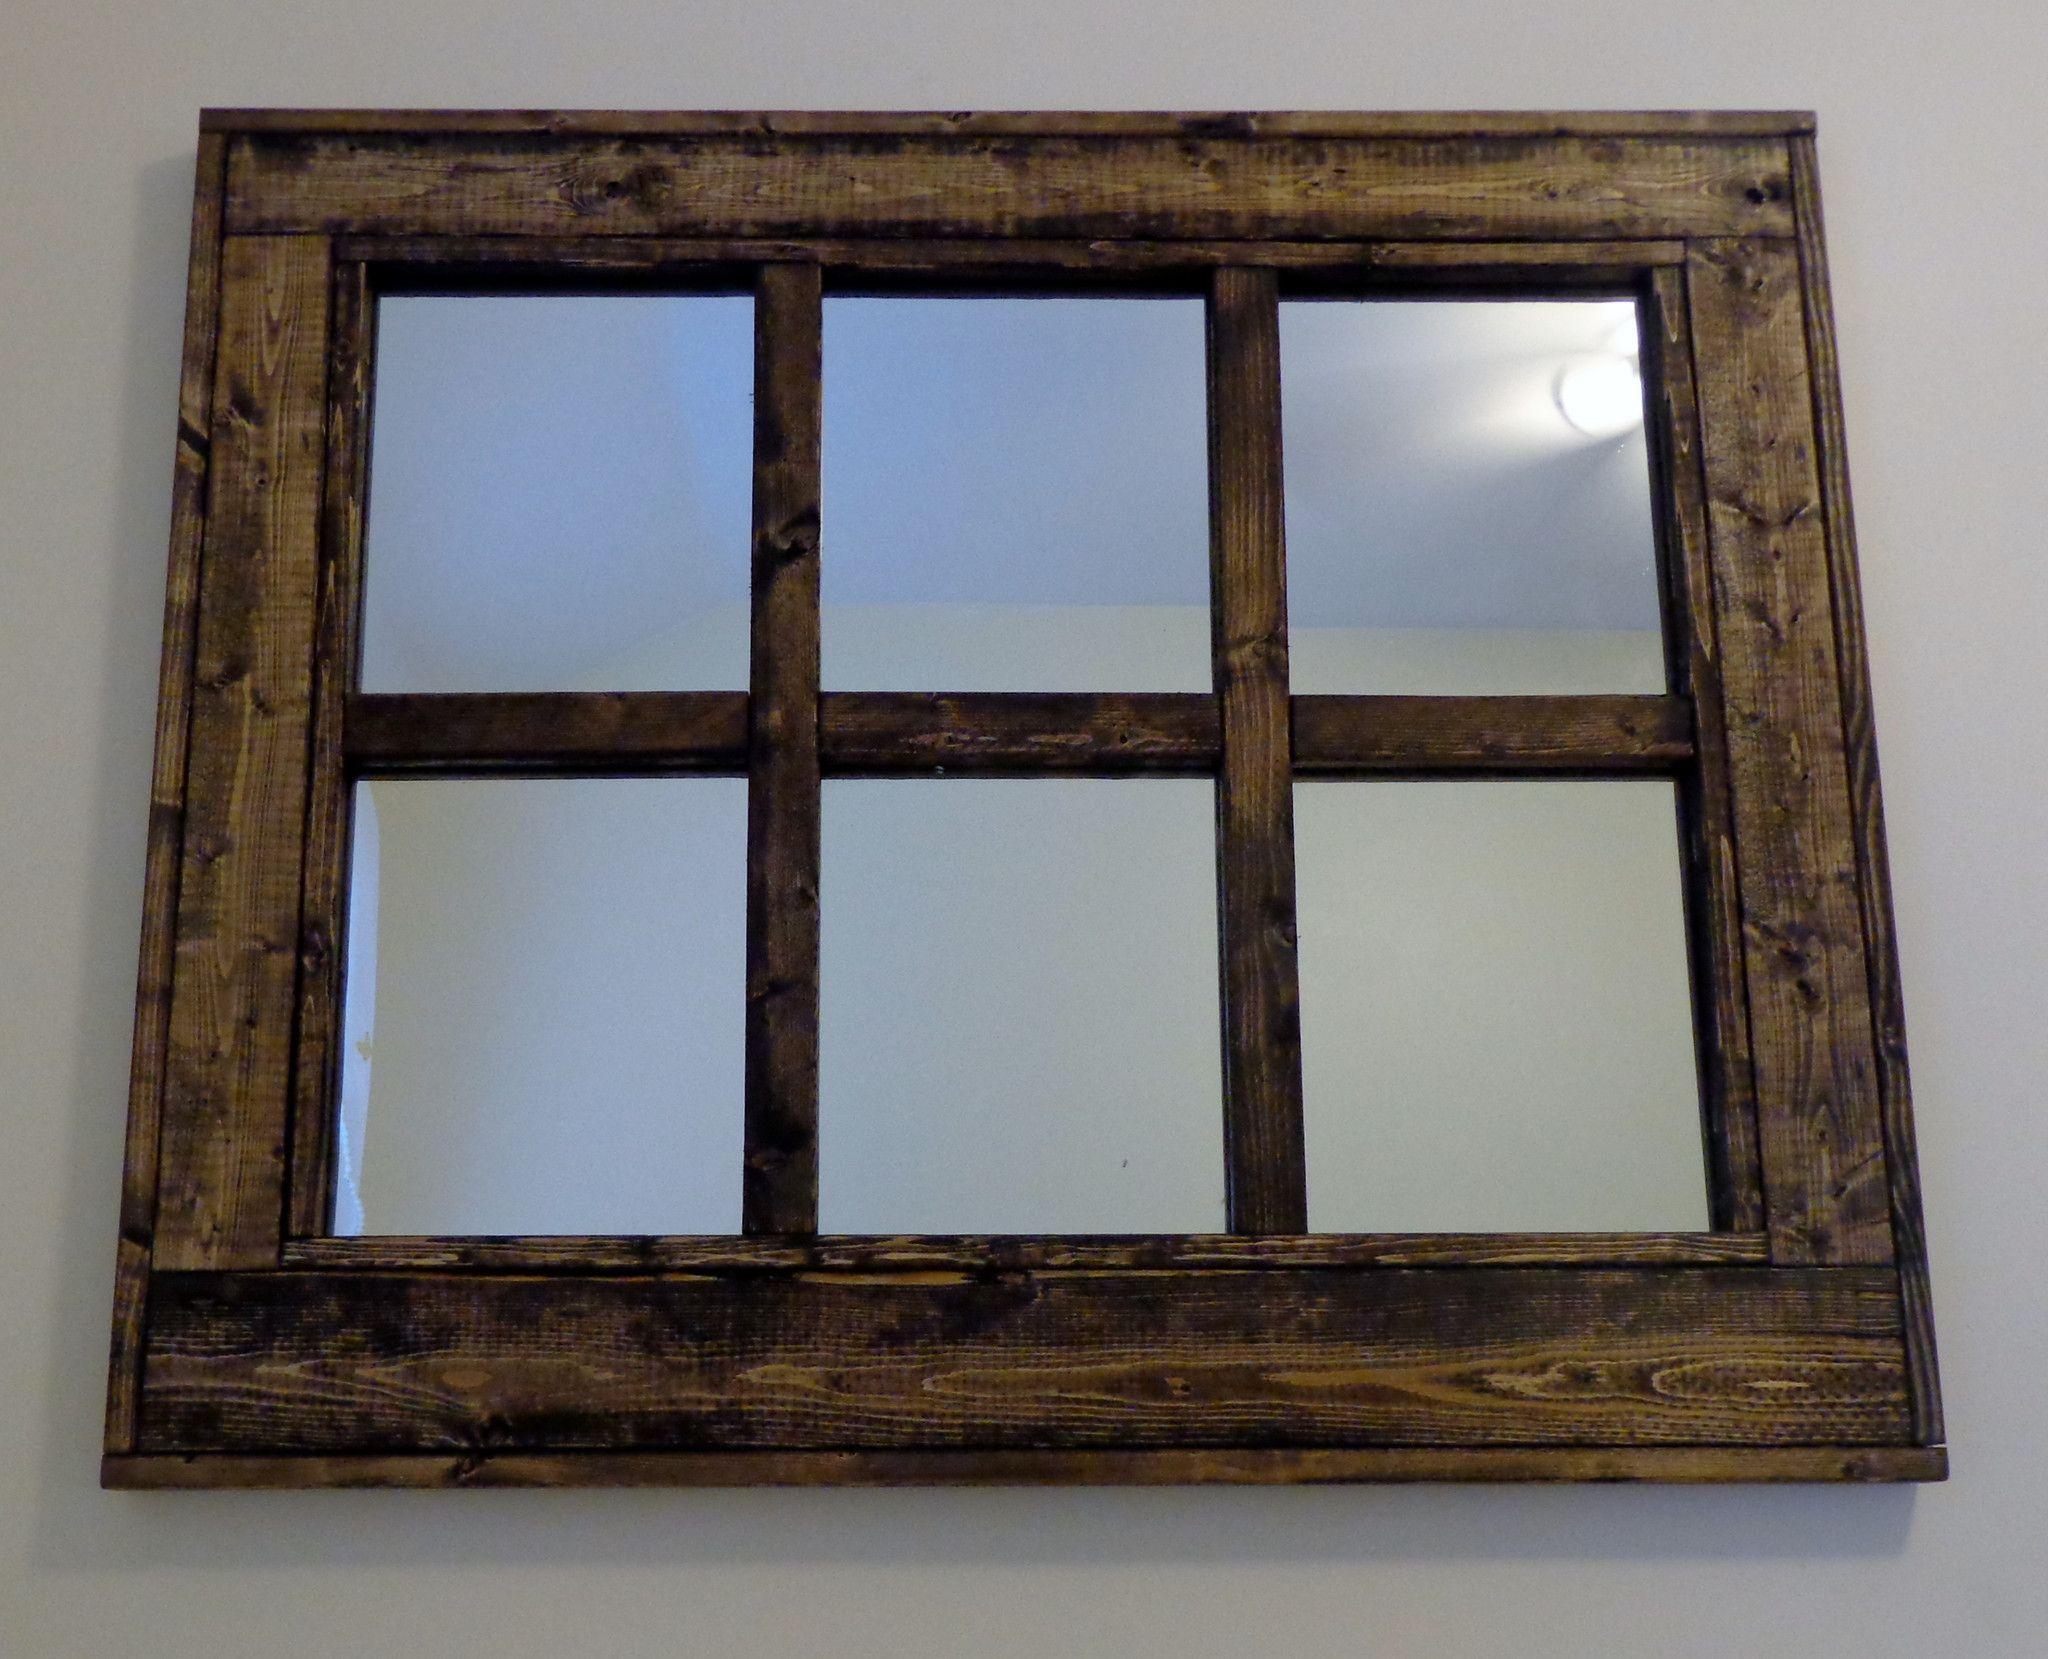 Herringbone Design Mirror Vanity Mirror Stained 6 Pane Reclaimed Wood Mirror Mirror Wall Wood Mirror